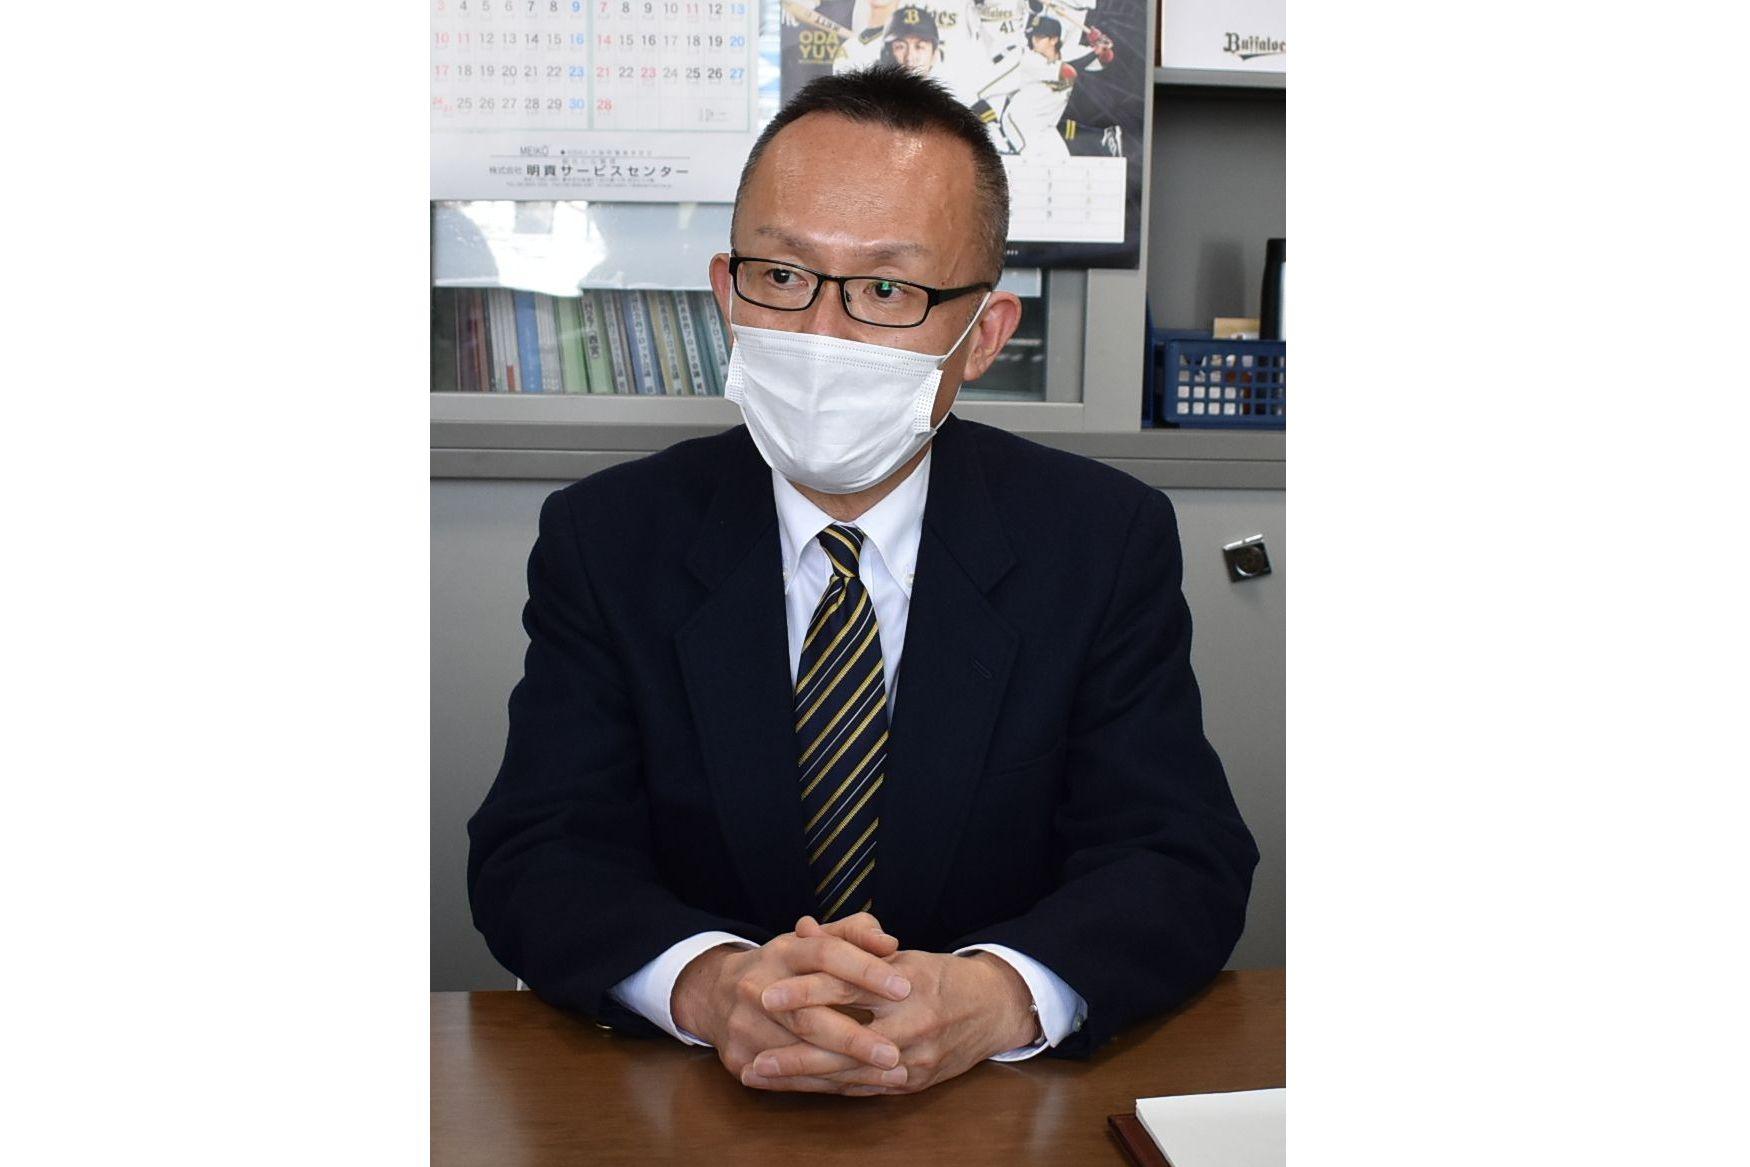 新型 コロナ 市 豊中 新型コロナで公園集会禁止、大阪・豊中市が一転使用認める